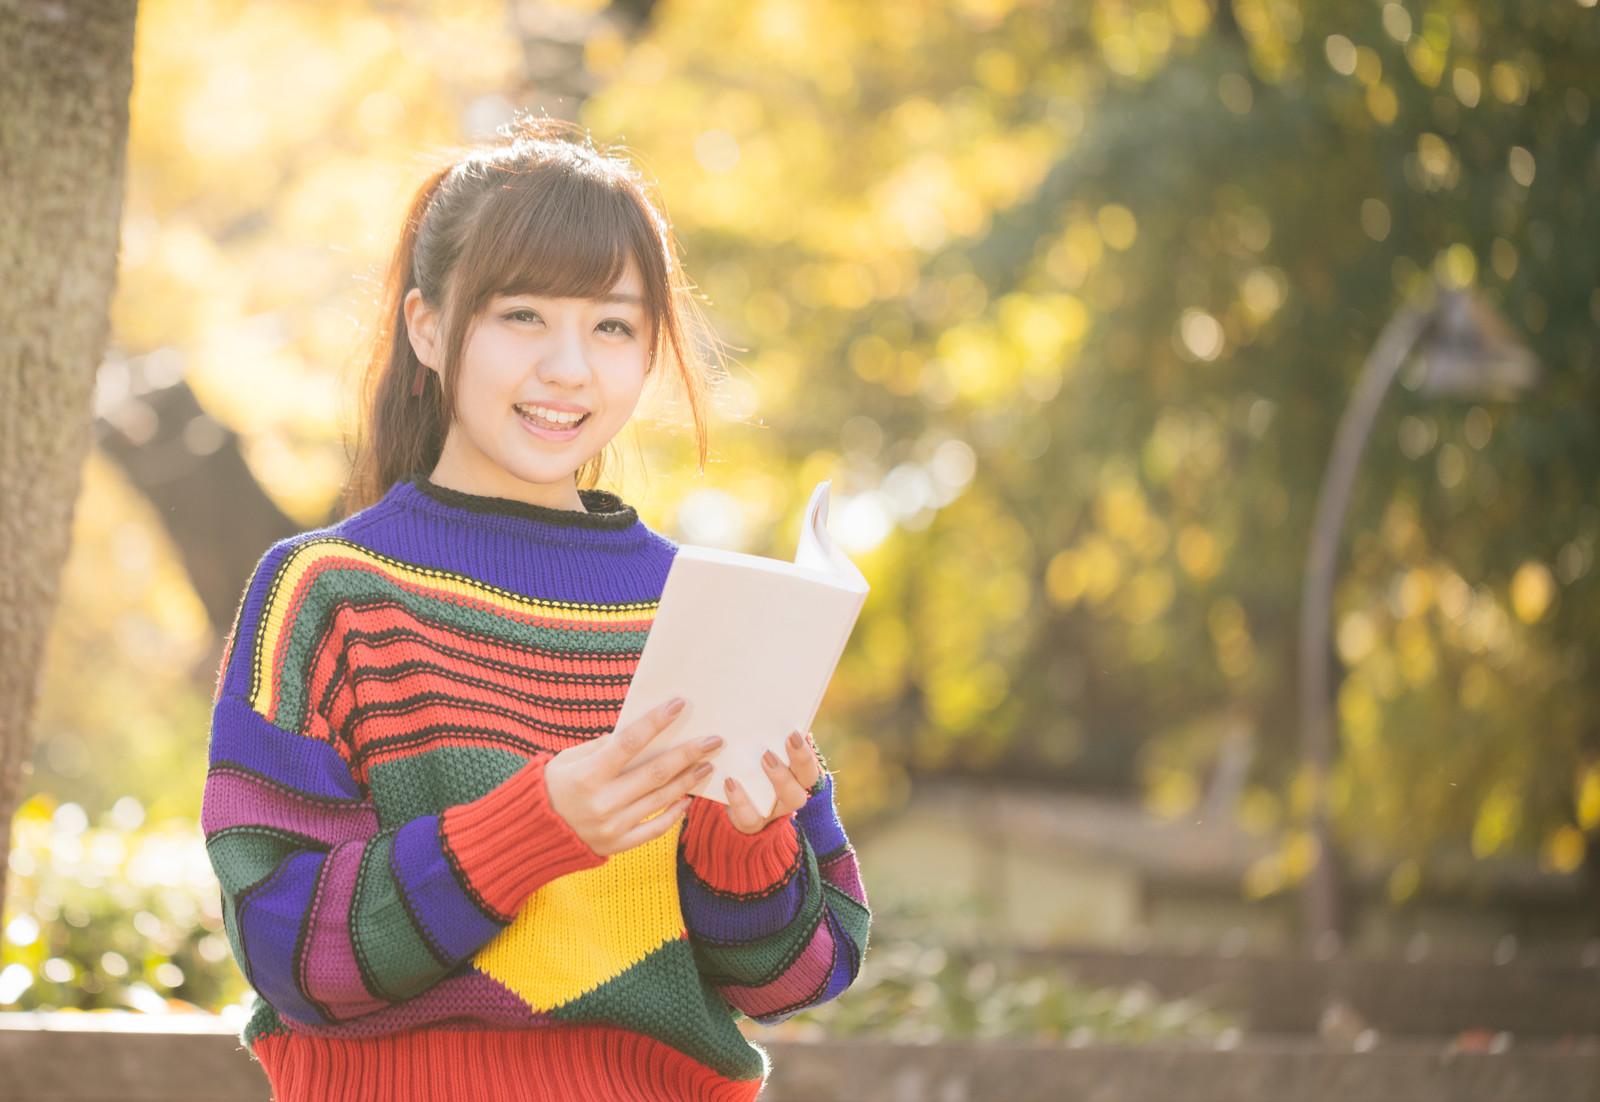 【おすすめ本】うつの心が元気になる本